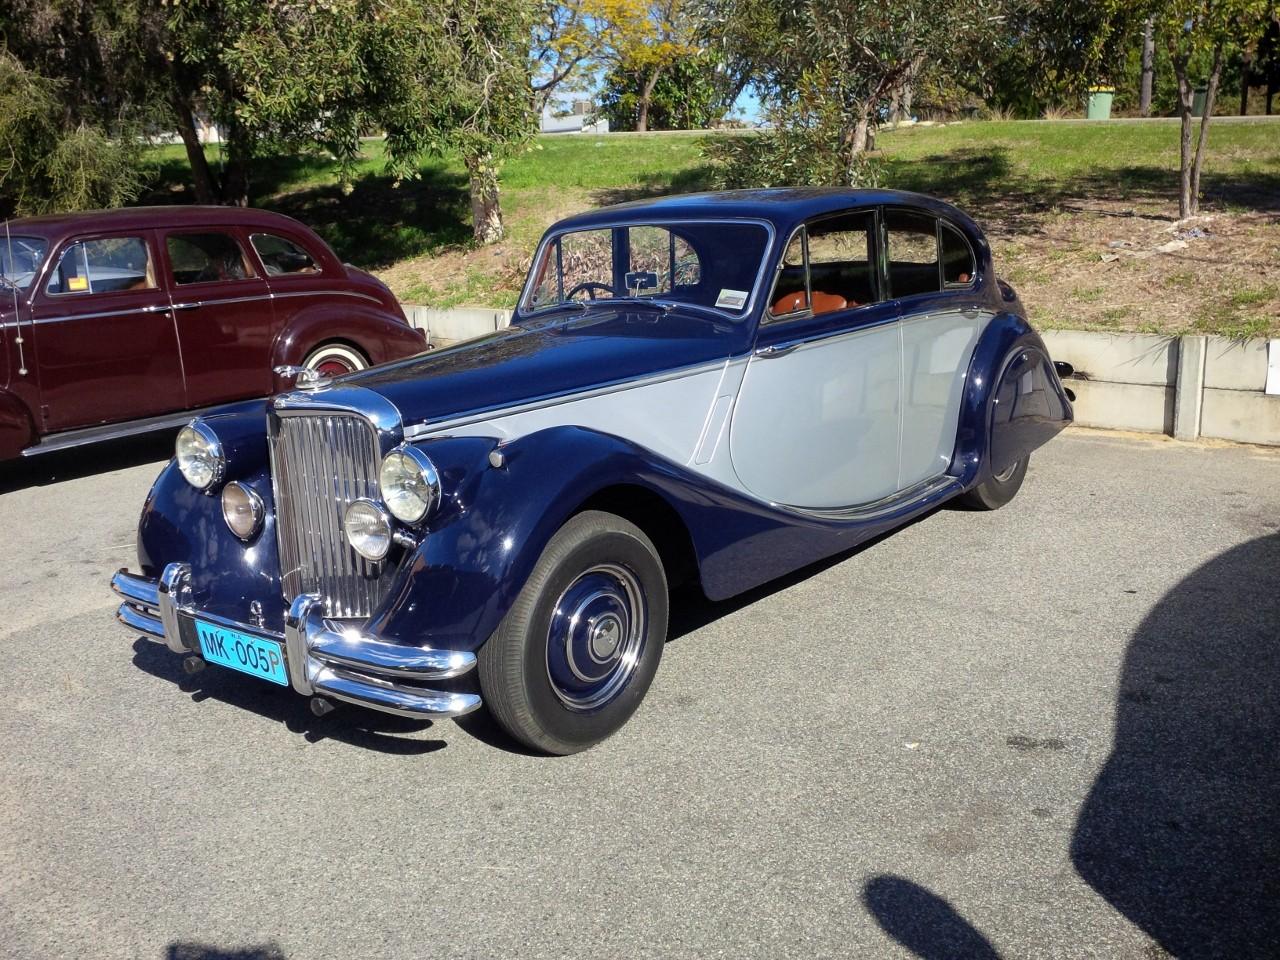 1950 Jaguar Mark V - Stevemk5 - Shannons Club